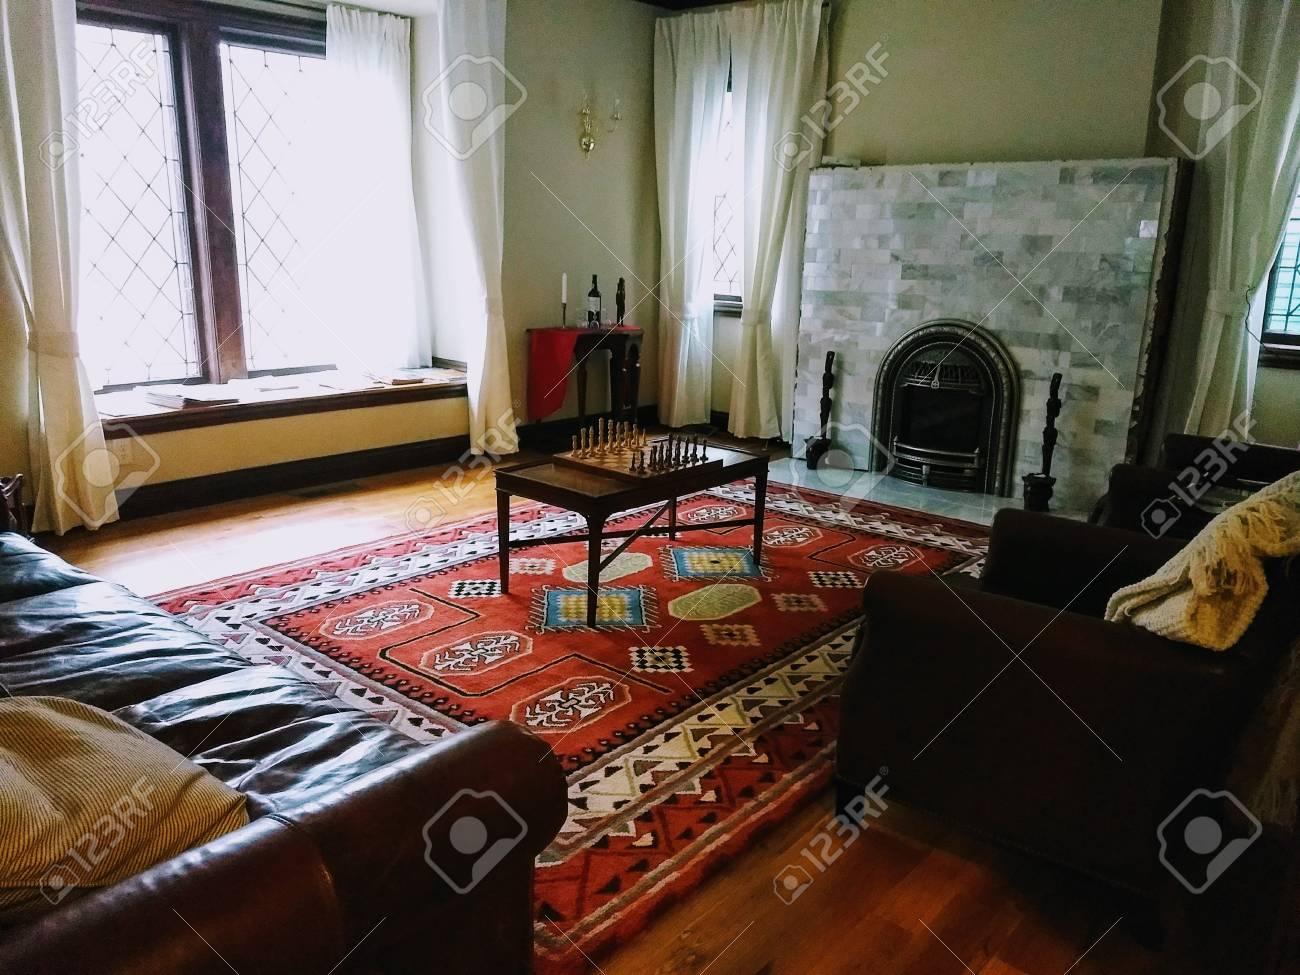 Editorial - November 14, 2017 - Rochester, NY - Dartmouth House Stock Photo - 90126988